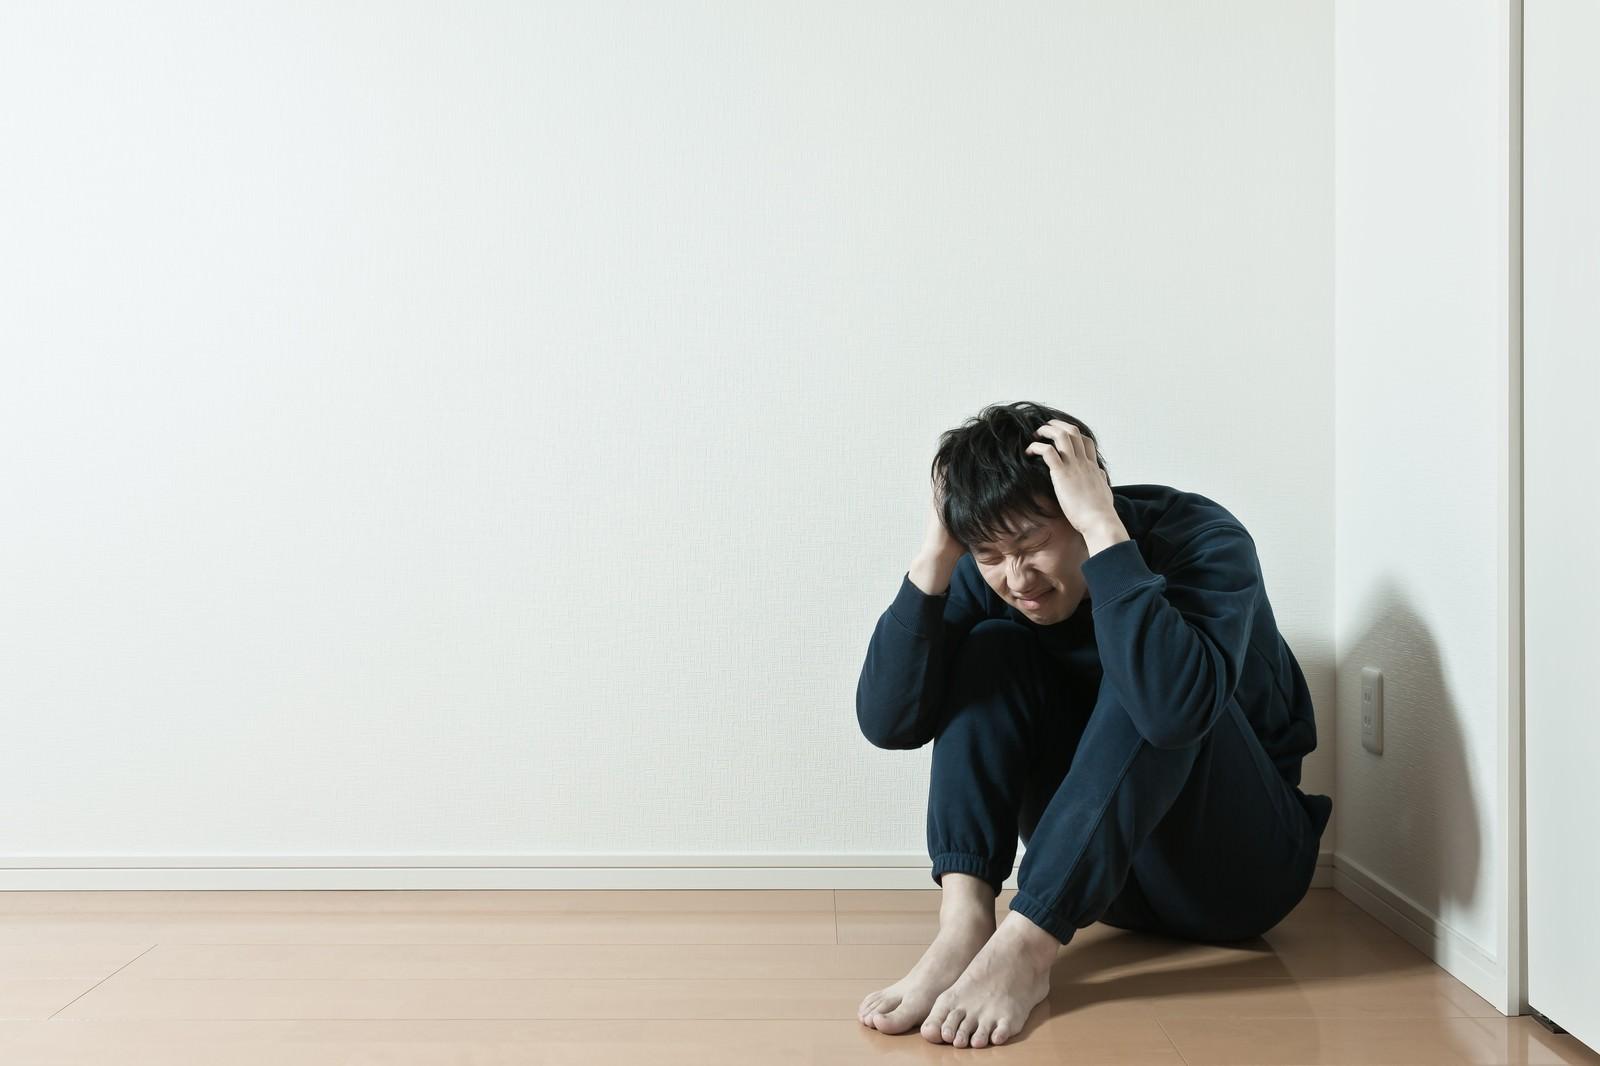 「お山座りをして頭を抱えるぼっちお山座りをして頭を抱えるぼっち」[モデル:大川竜弥]のフリー写真素材を拡大